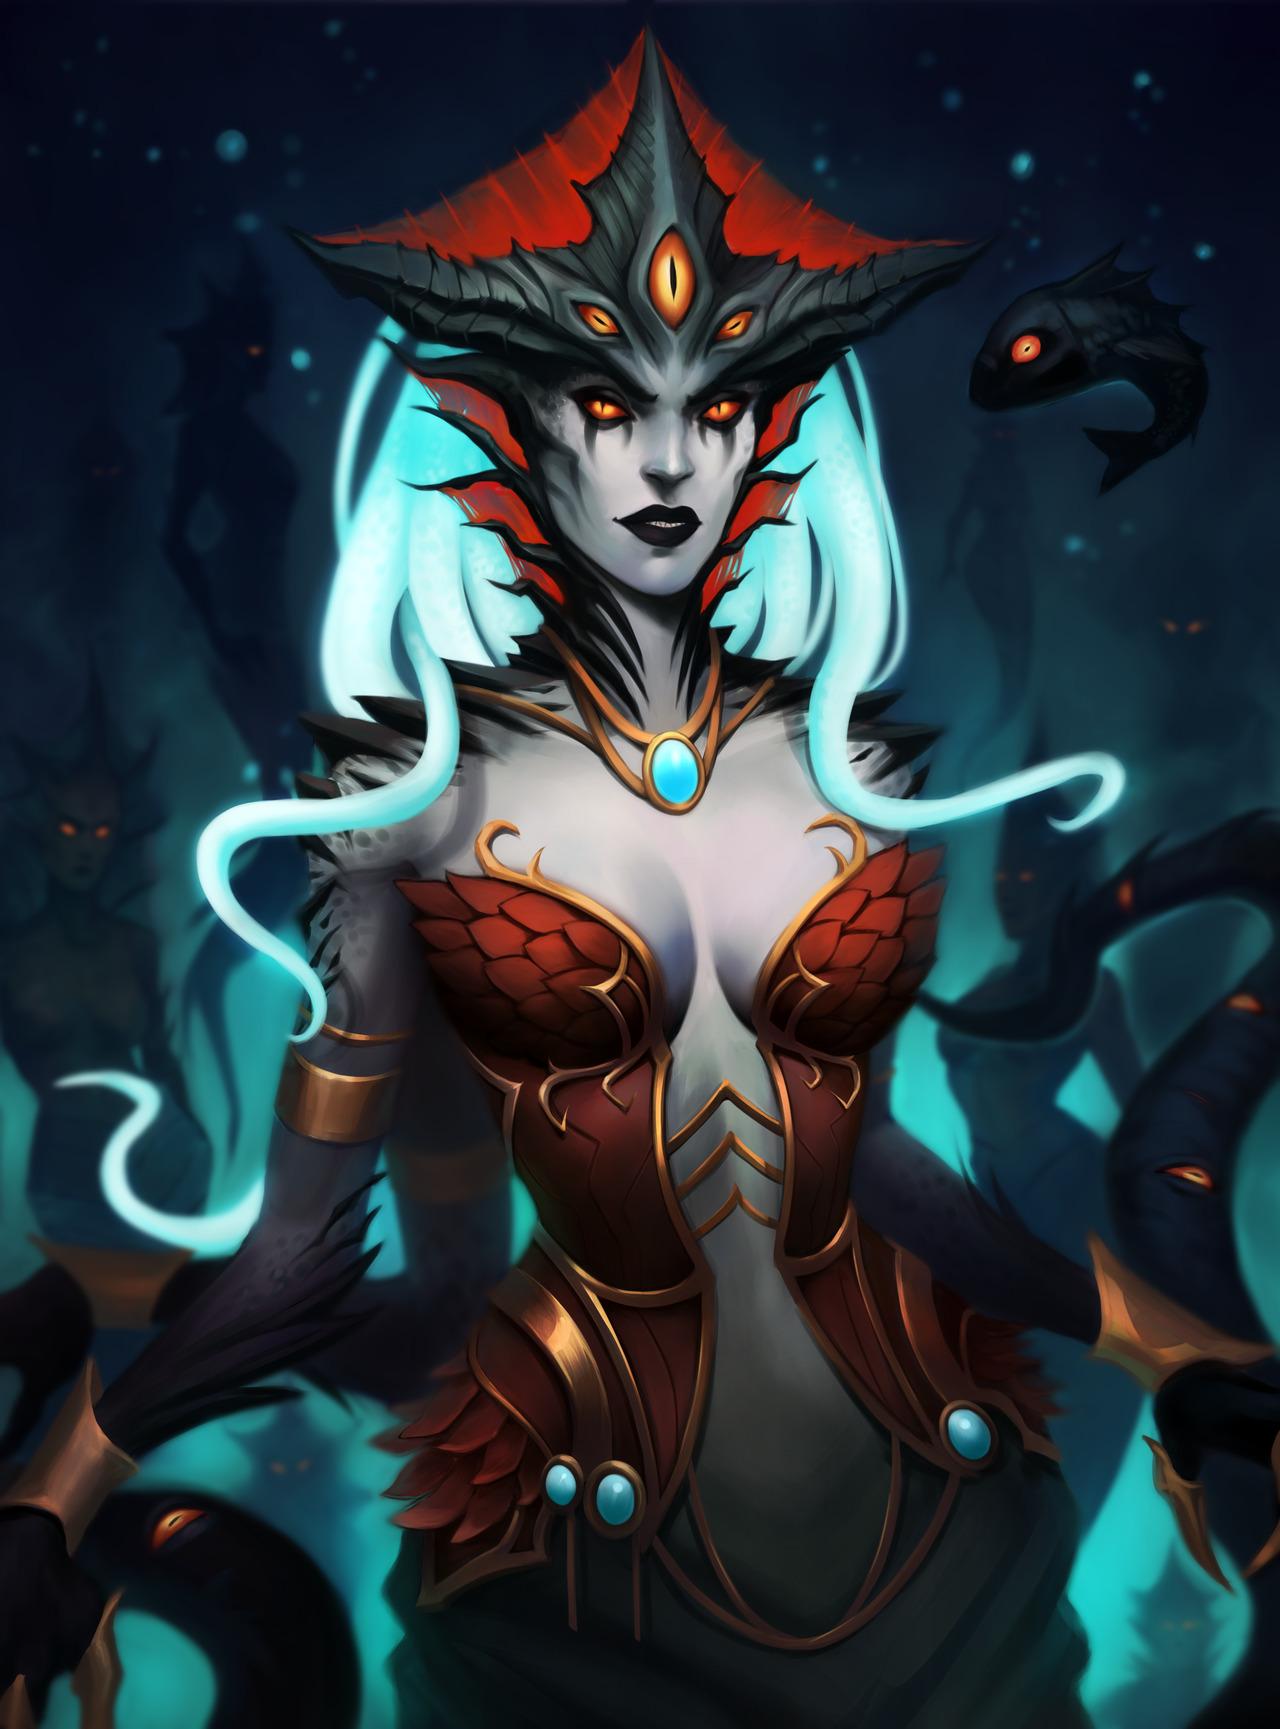 tumblr_pfv8w4vbpu1v5xkjko1_1280.jpg - World of Warcraft